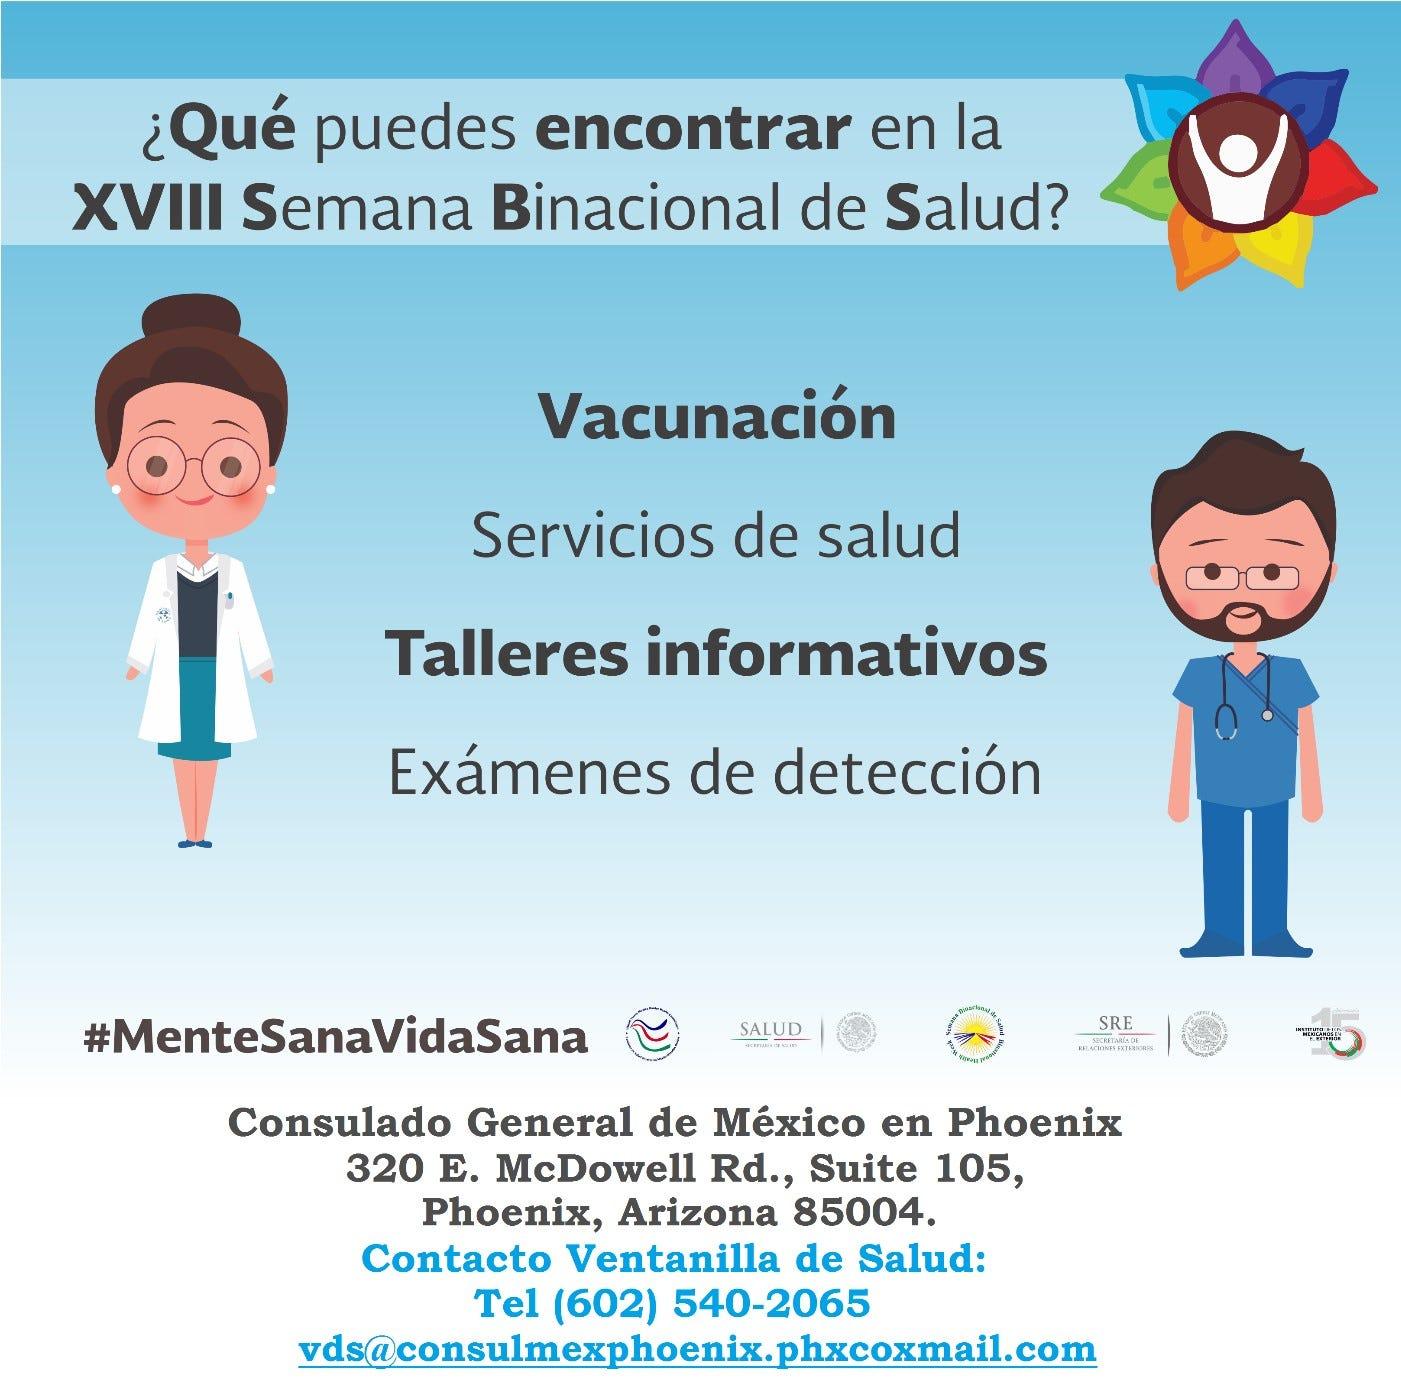 Invitan a la XVIII Semana Binacional de Salud 'Mente sana, vida sana'